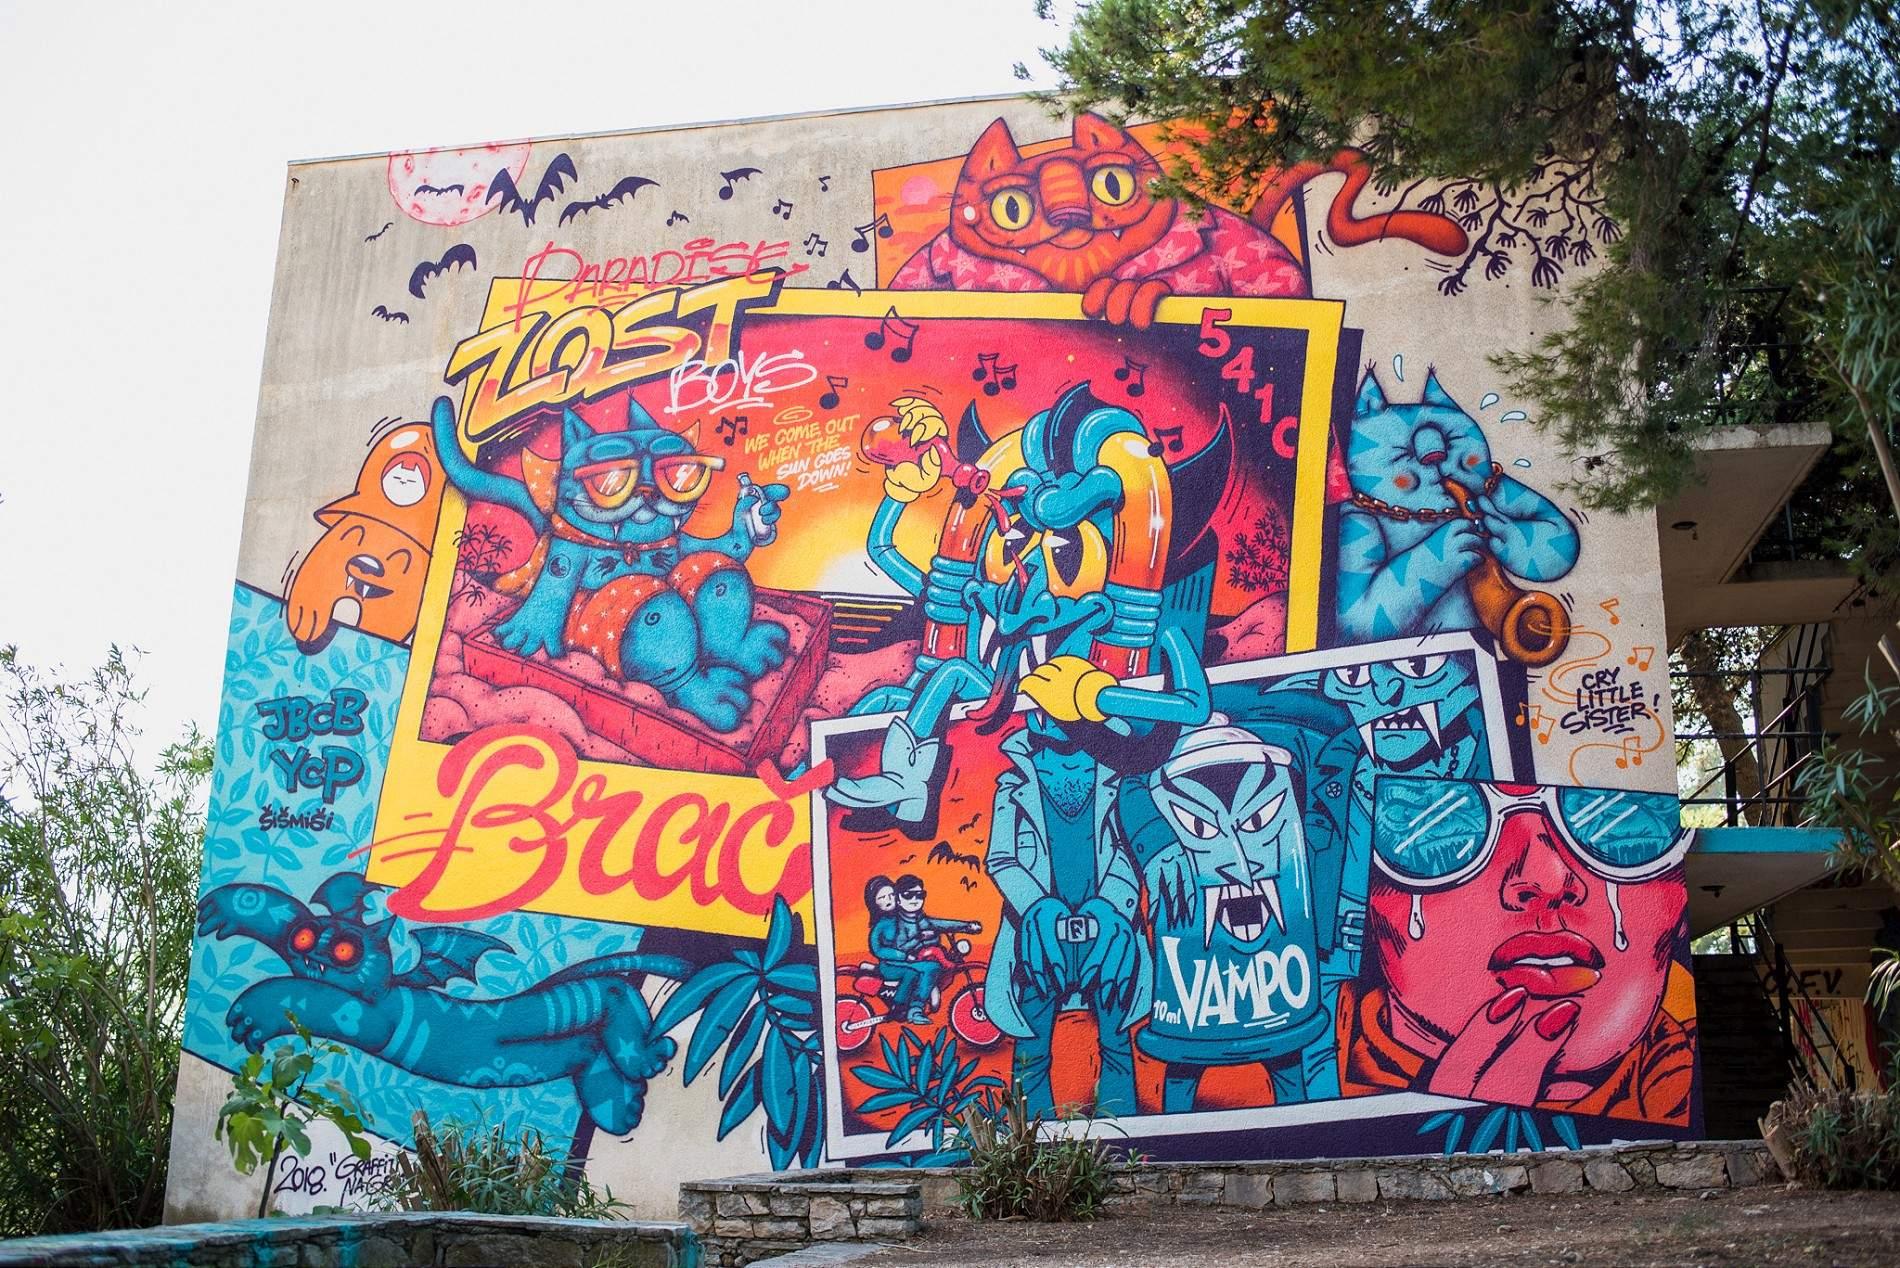 Brac croatia graffiti festival